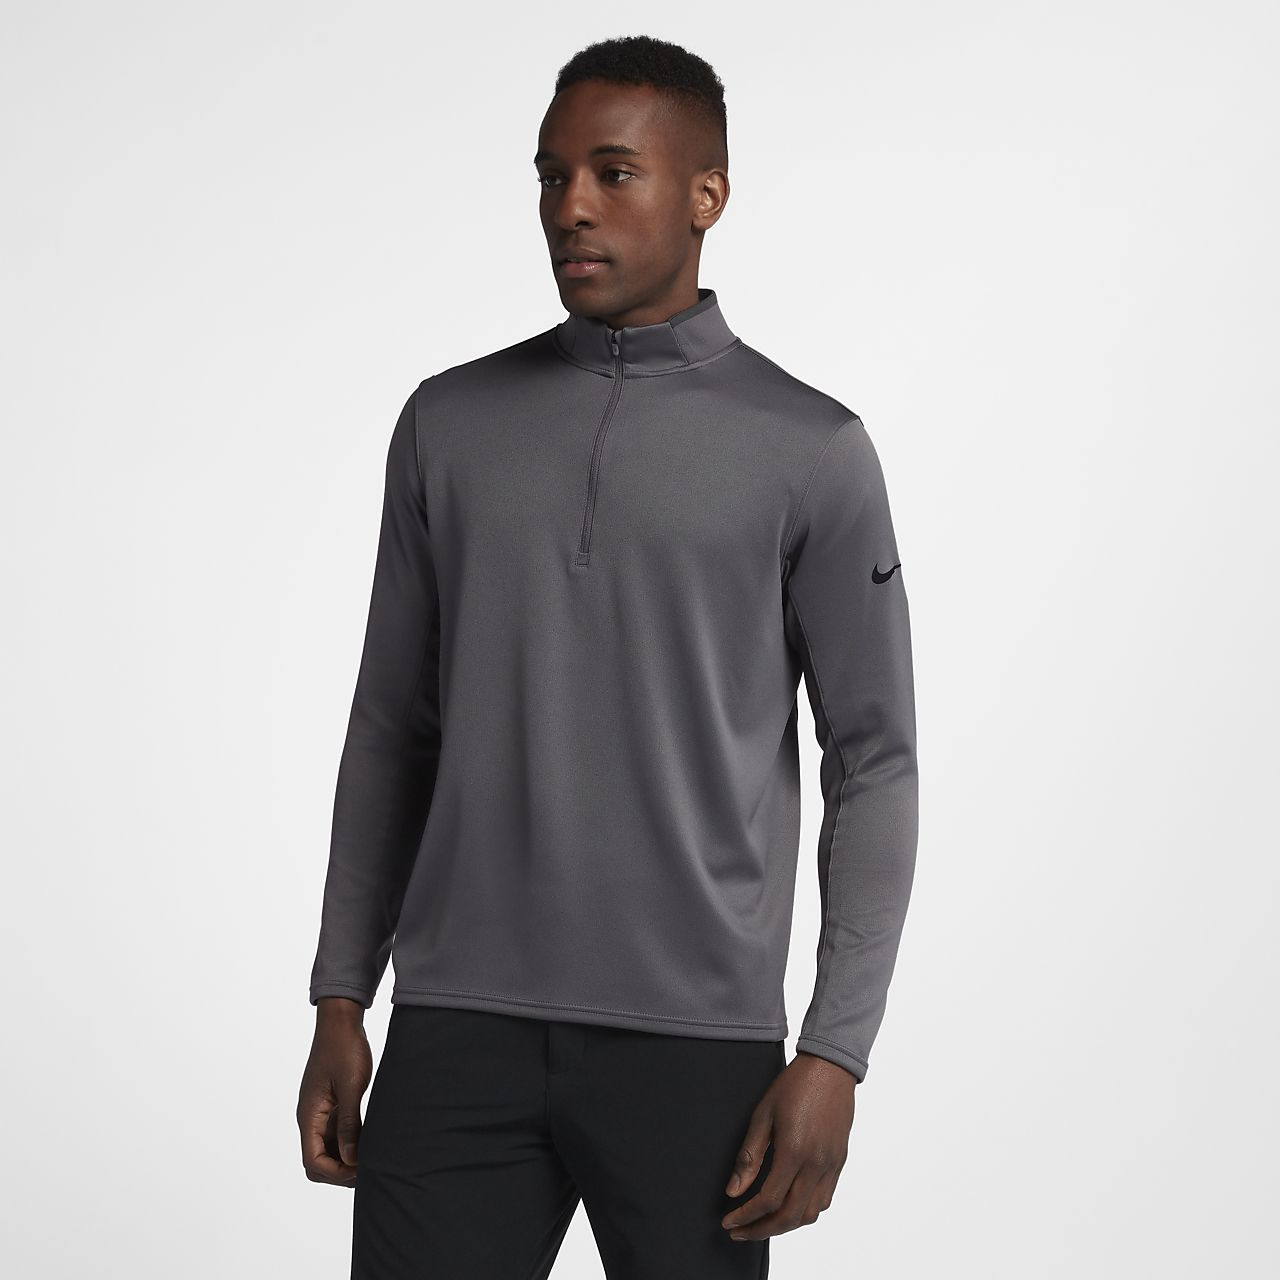 Maglia da golf a manica lunga Nike Dri-FIT Half-Zip - Uomo